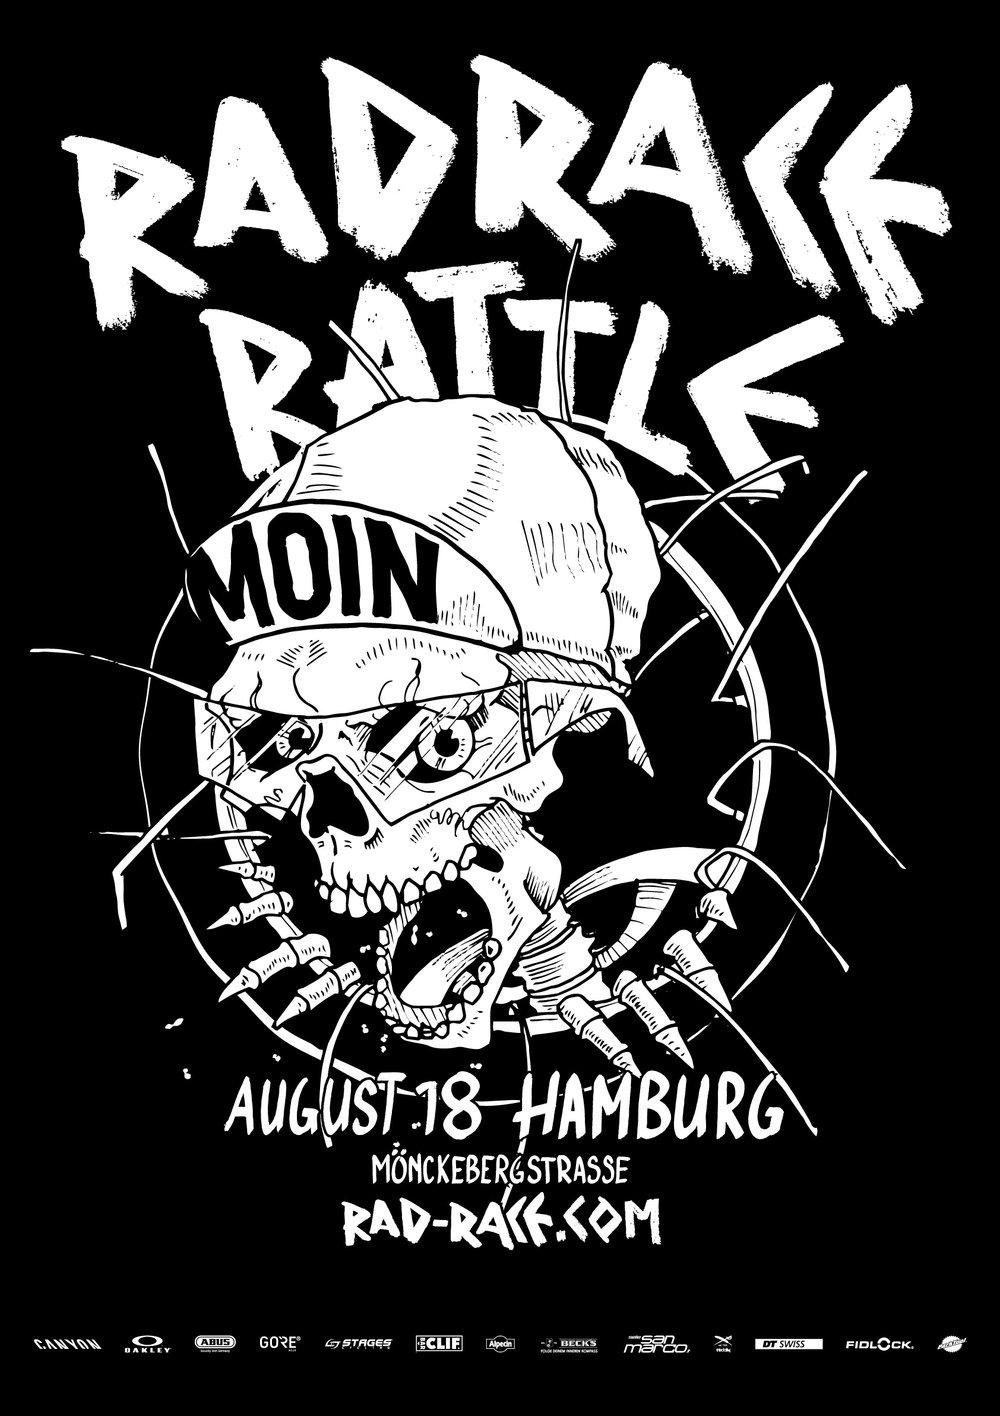 The official poster by Menso von Ehrenstein.